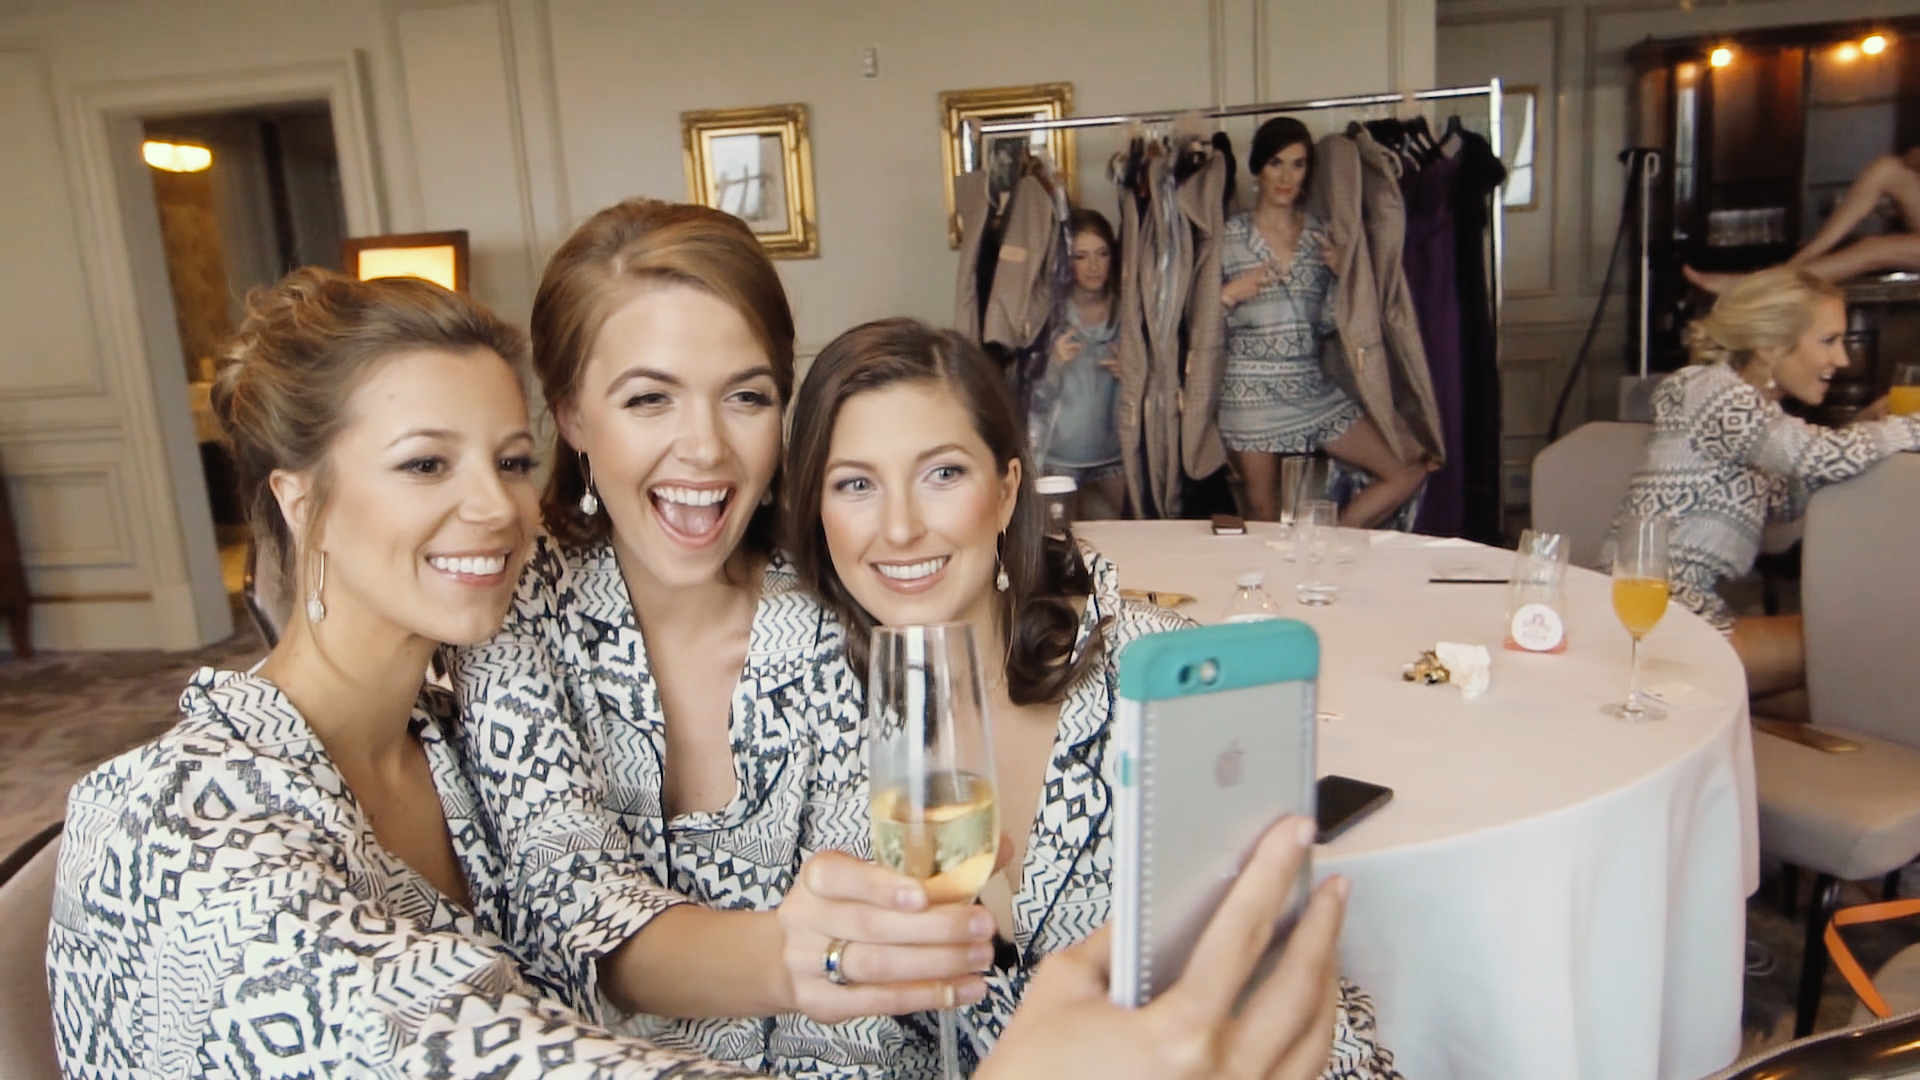 Mannequin Challenge New Orleans Wedding